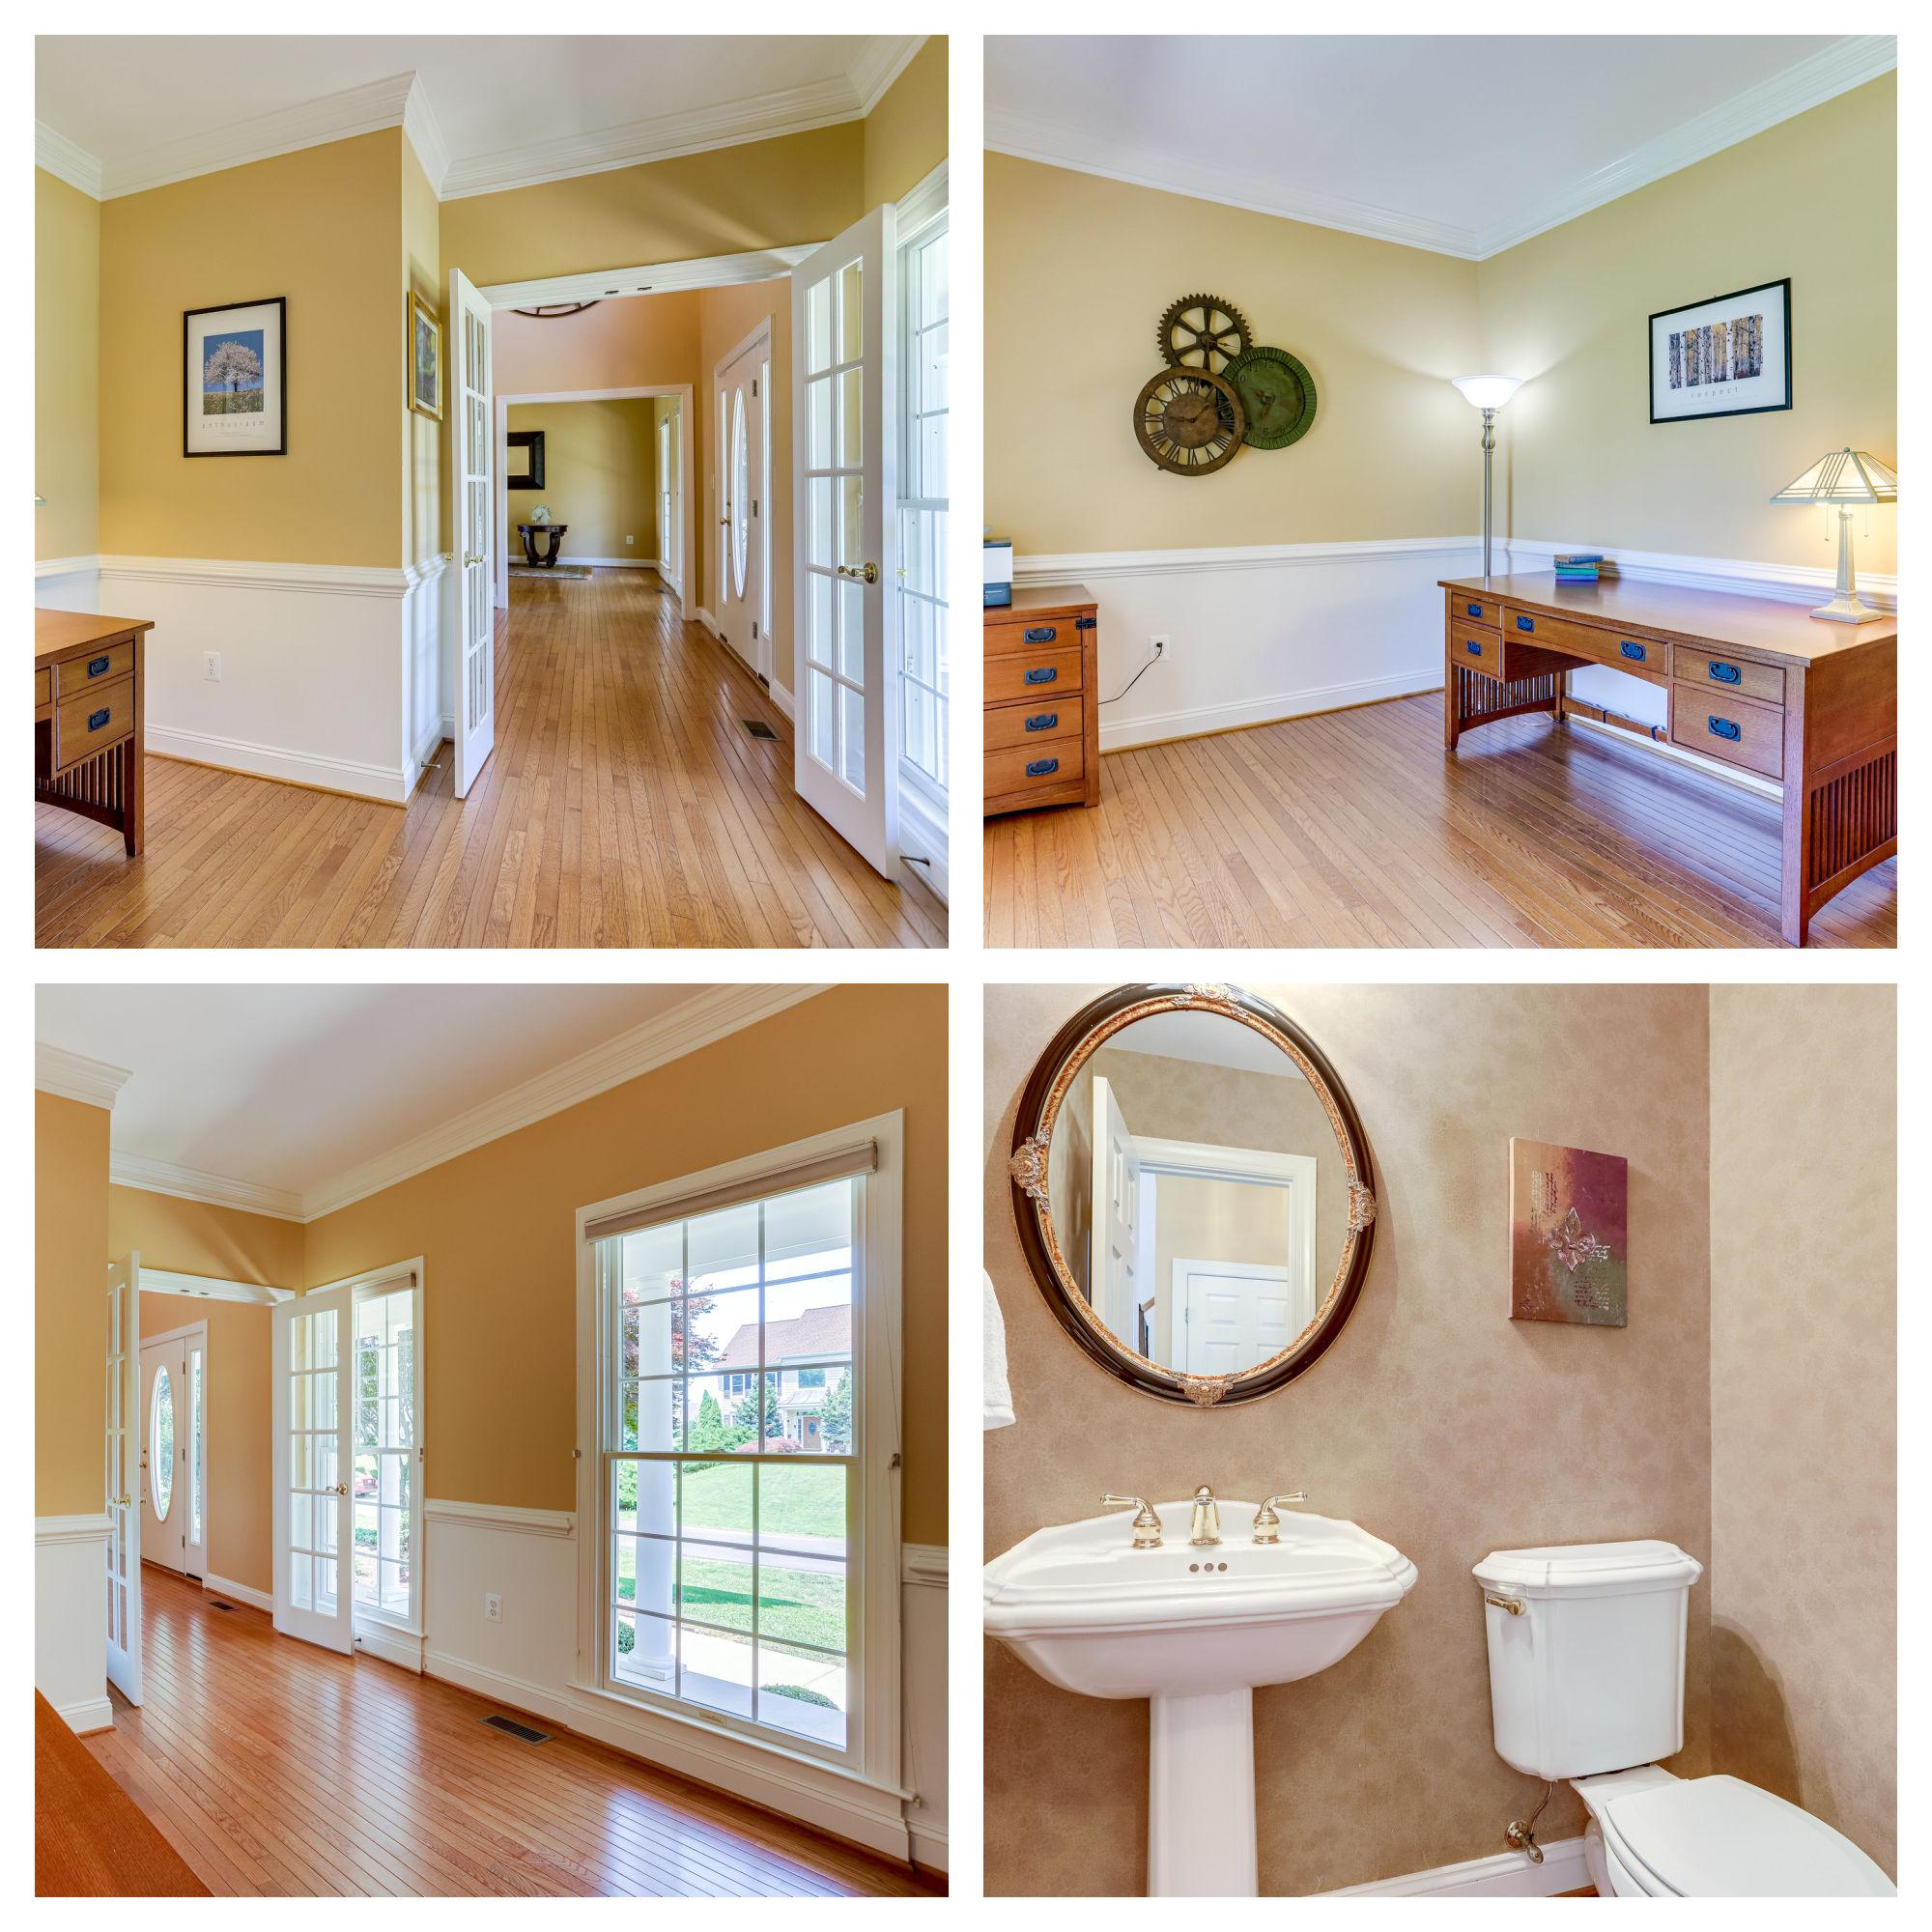 42259 Big Springs Ct, Leesburg- Office and Powder Room